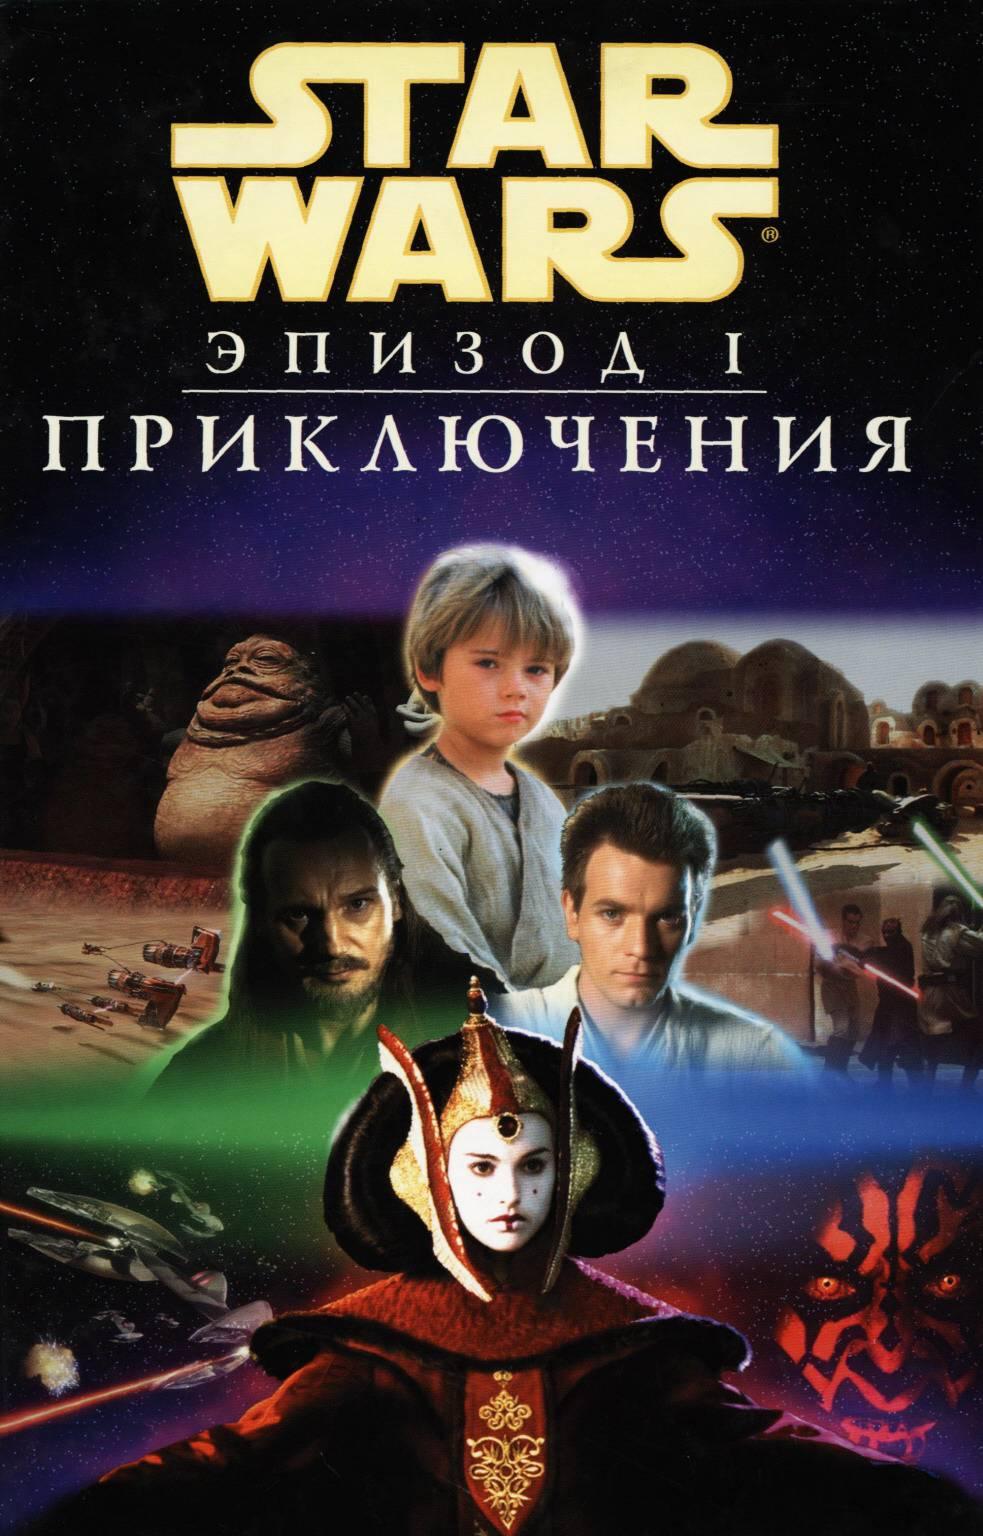 Звёздные войны: Эпизод I: Скрытая угроза - Приключения онлайн